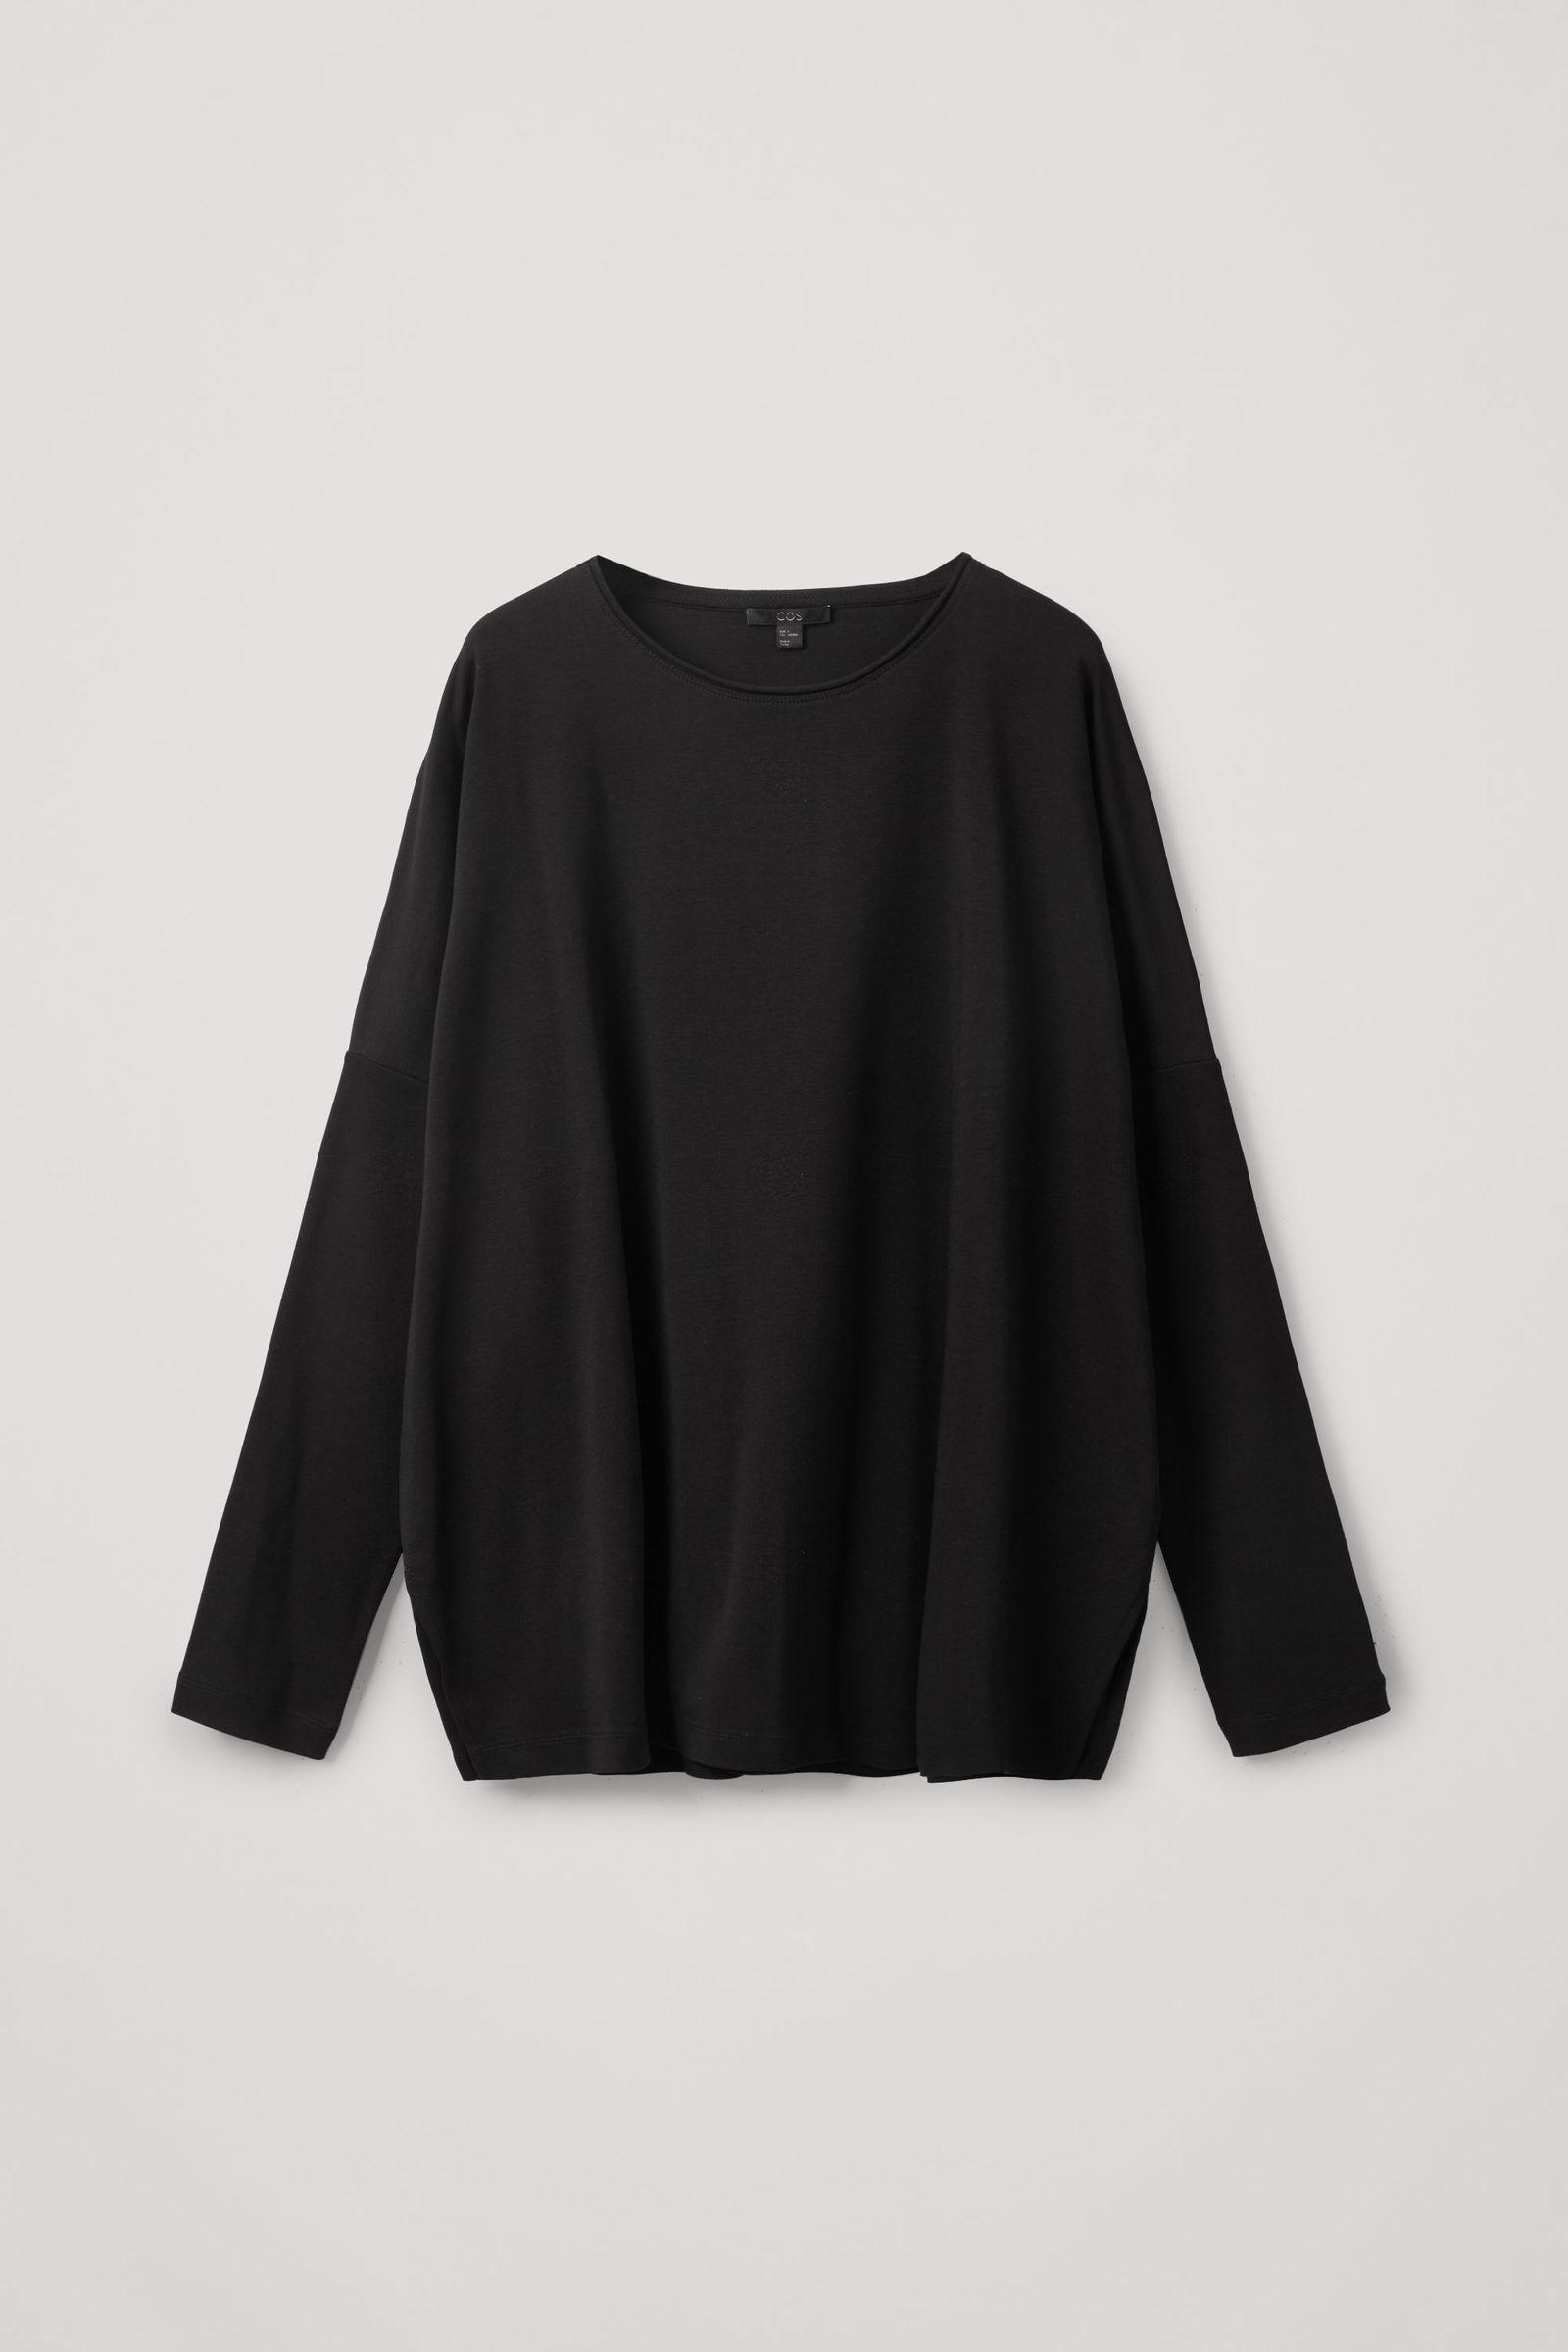 COS 롱 슬리브 티셔츠의 블랙컬러 Product입니다.